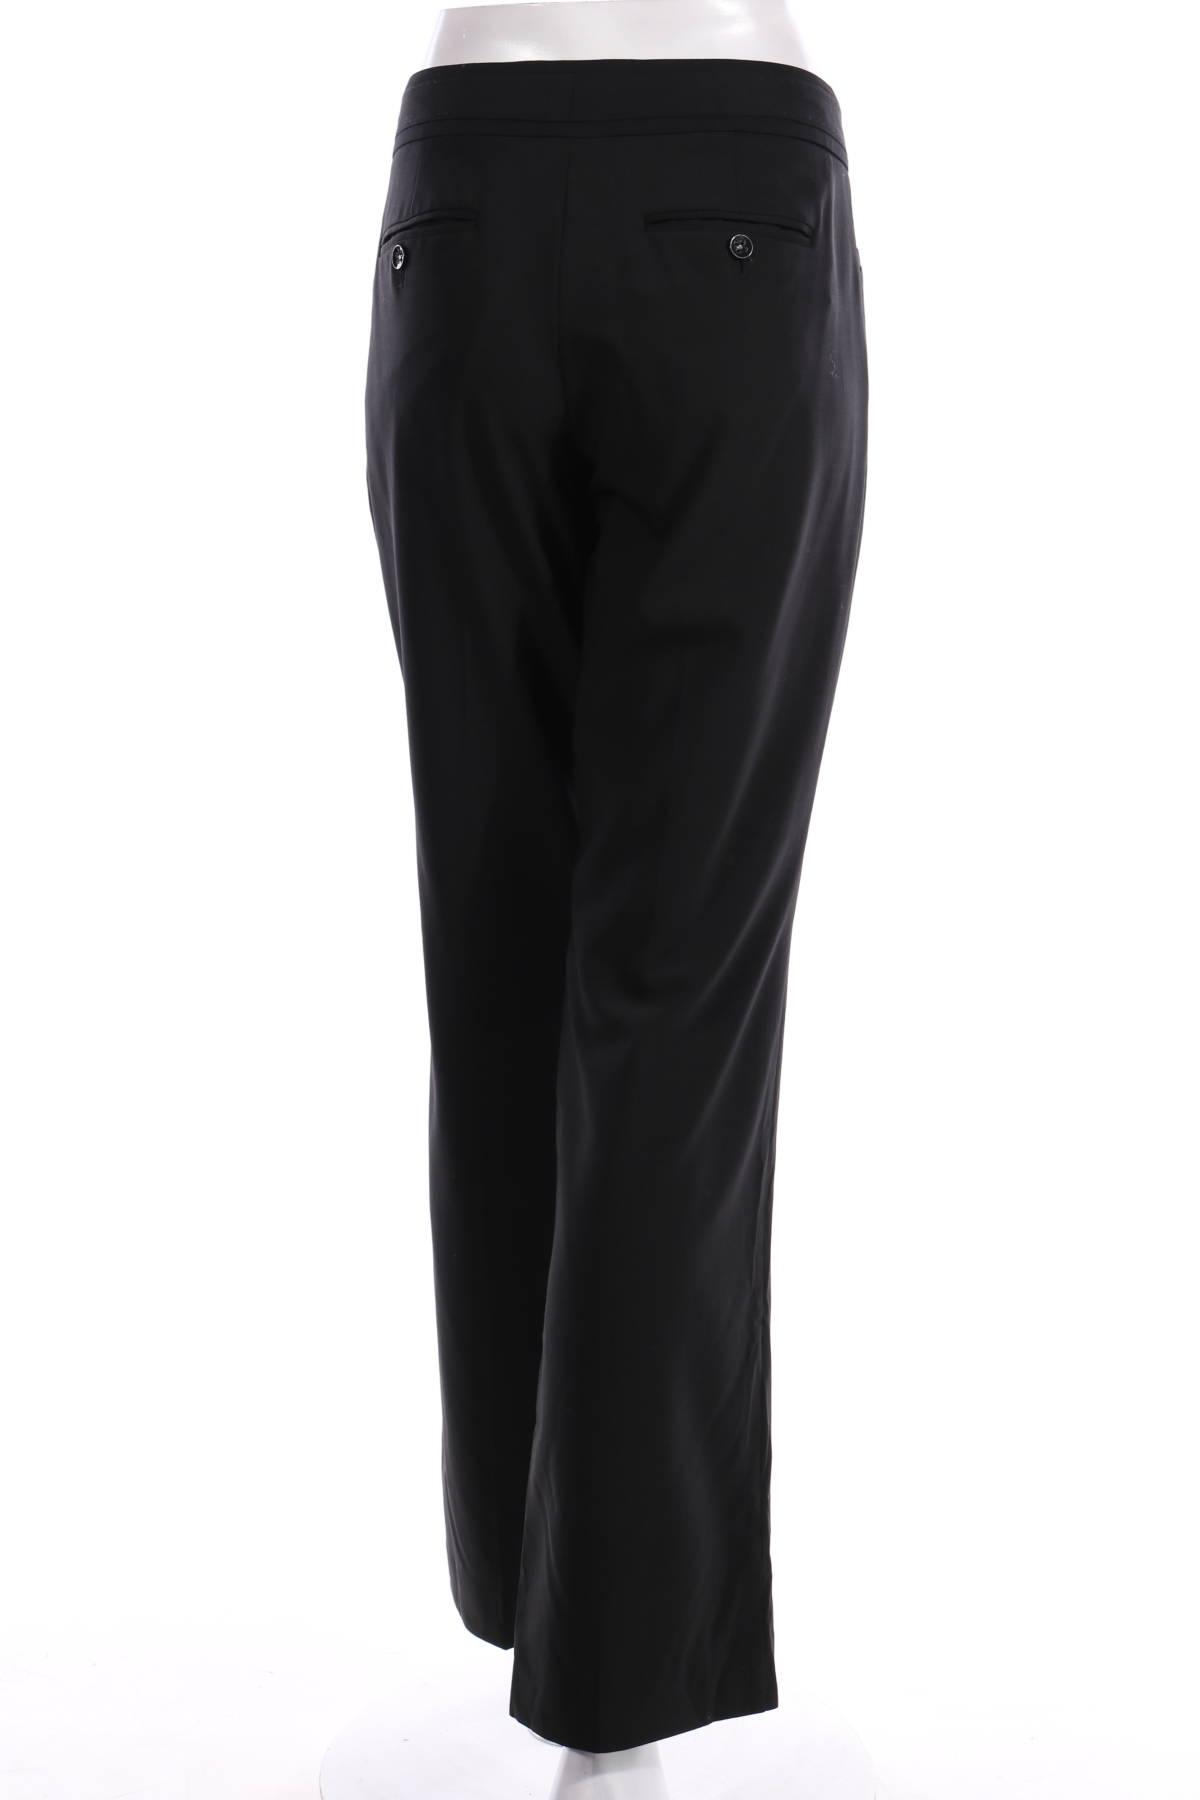 Официален панталон LUXE2